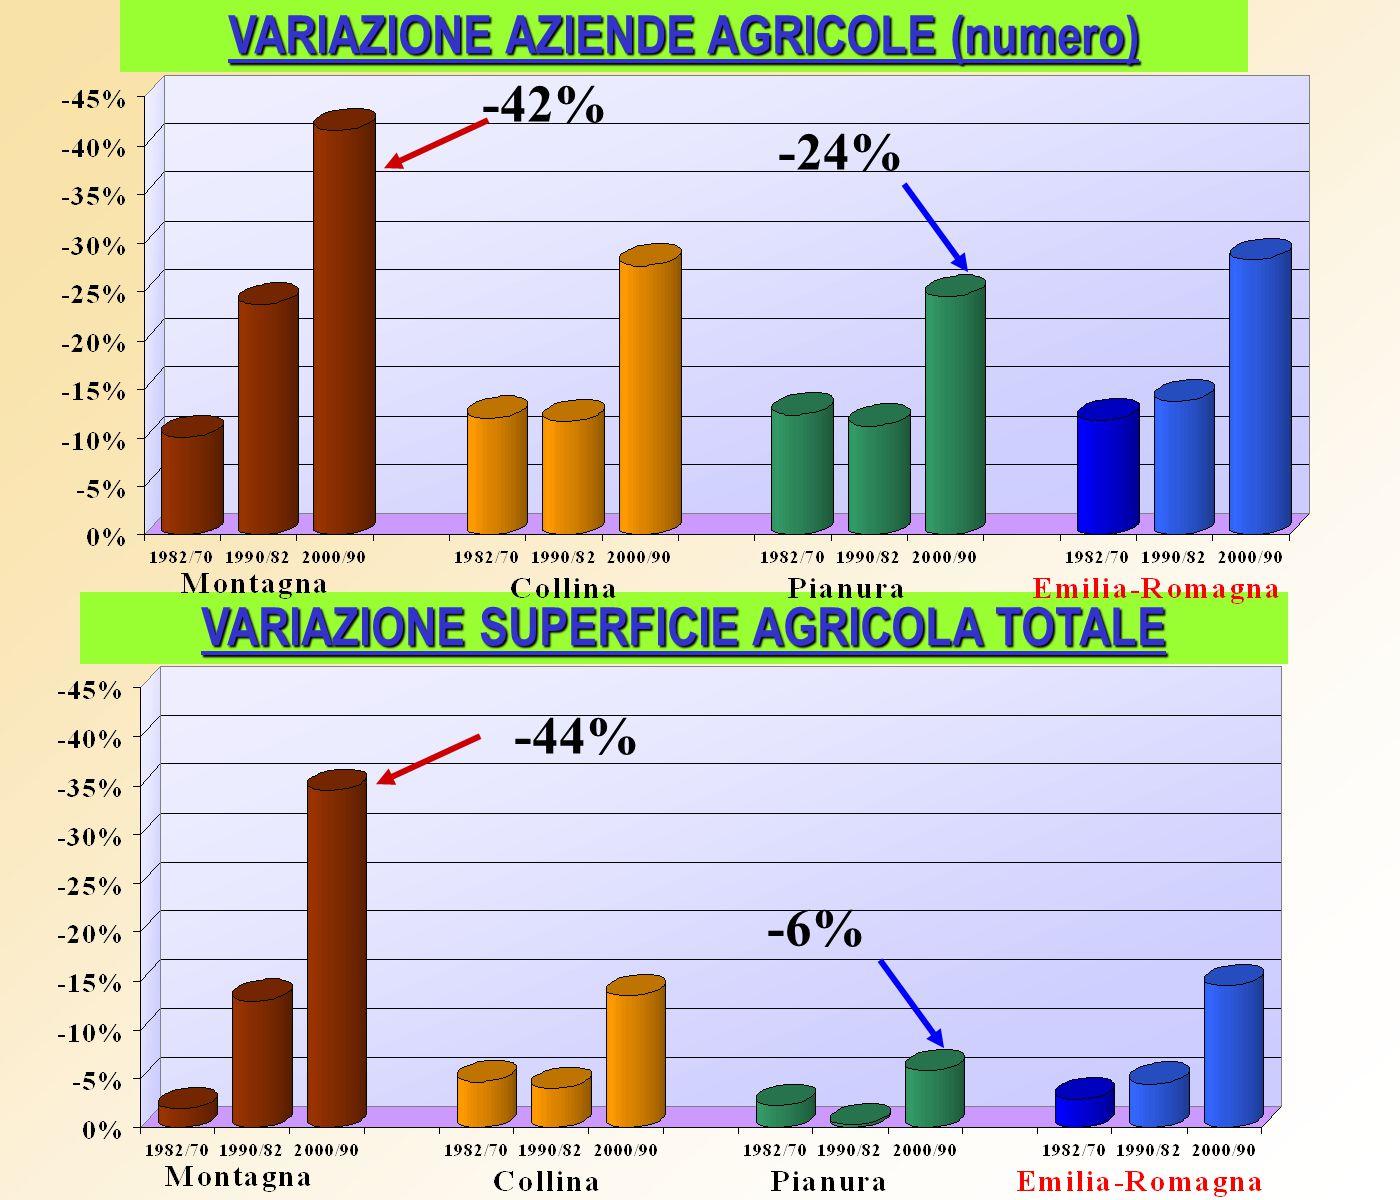 VARIAZIONE AZIENDE AGRICOLE CON VITE VARIAZIONE SUPERFICIE A VITE -48% -34%-35% -33% -10% -27% -11%